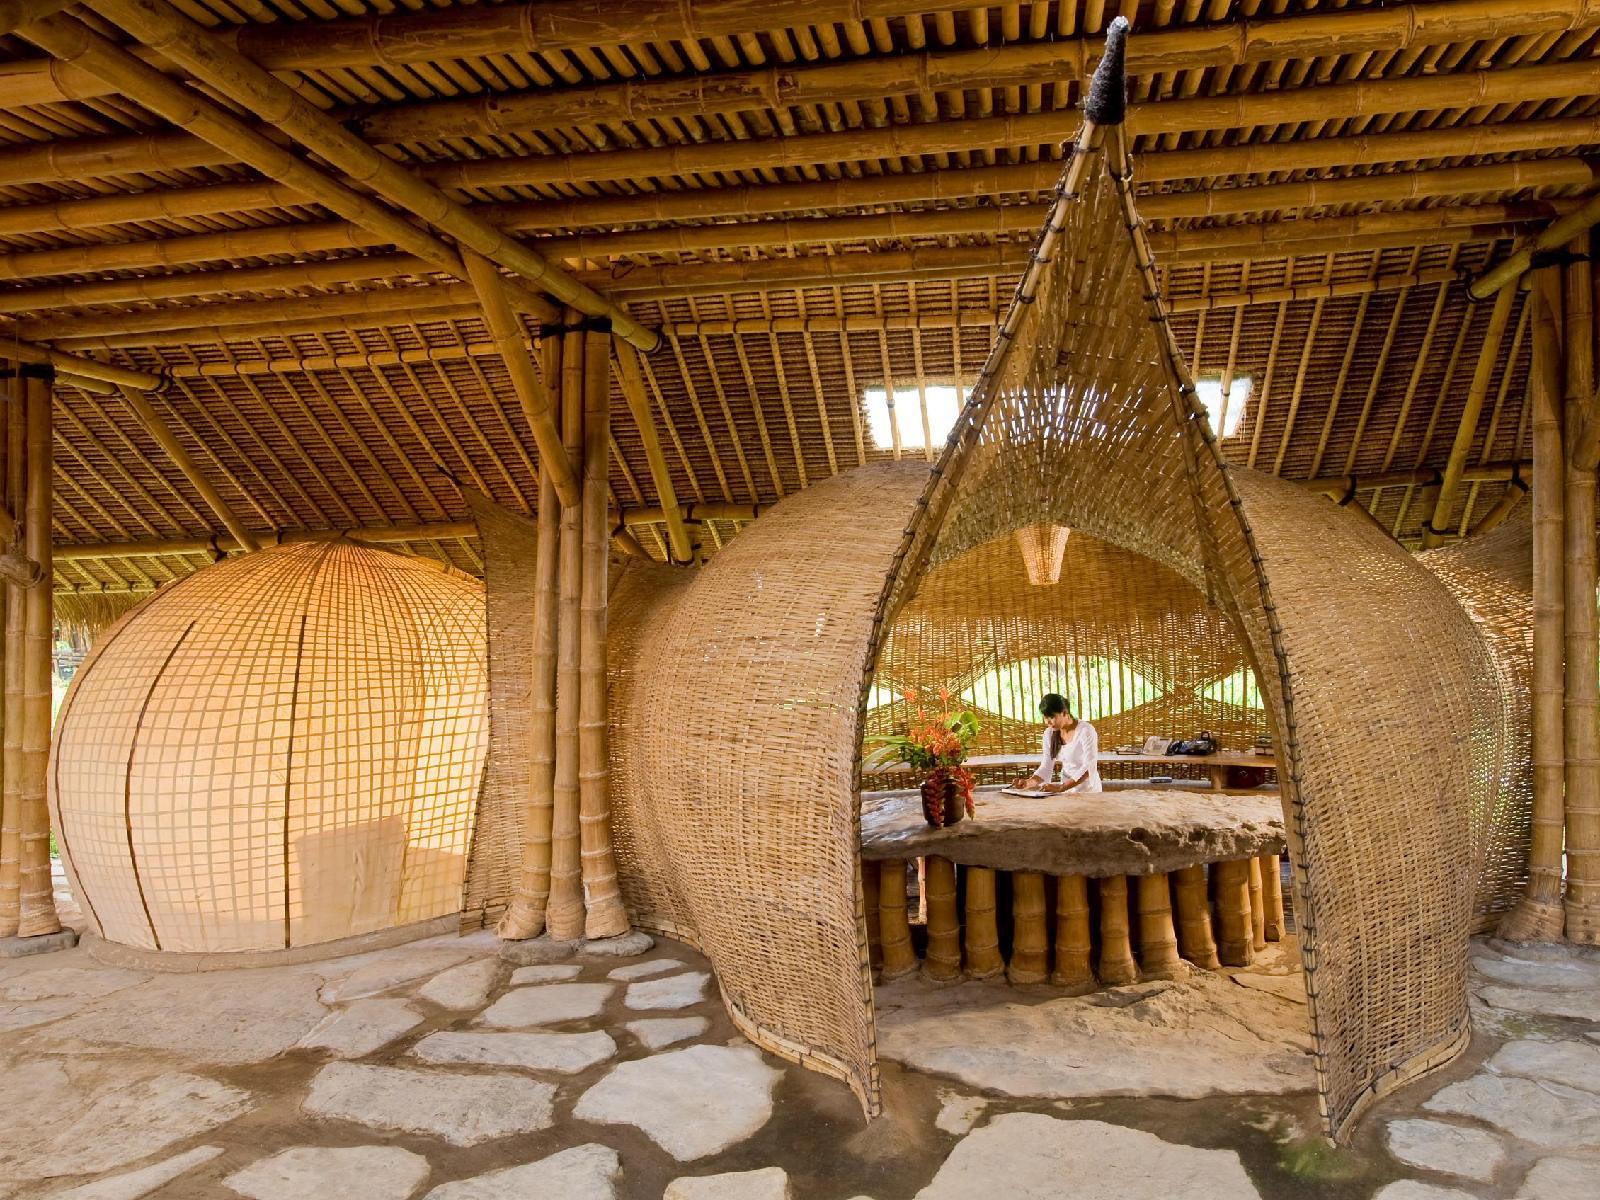 Bambu Indah, Ubud, Bali Image 1